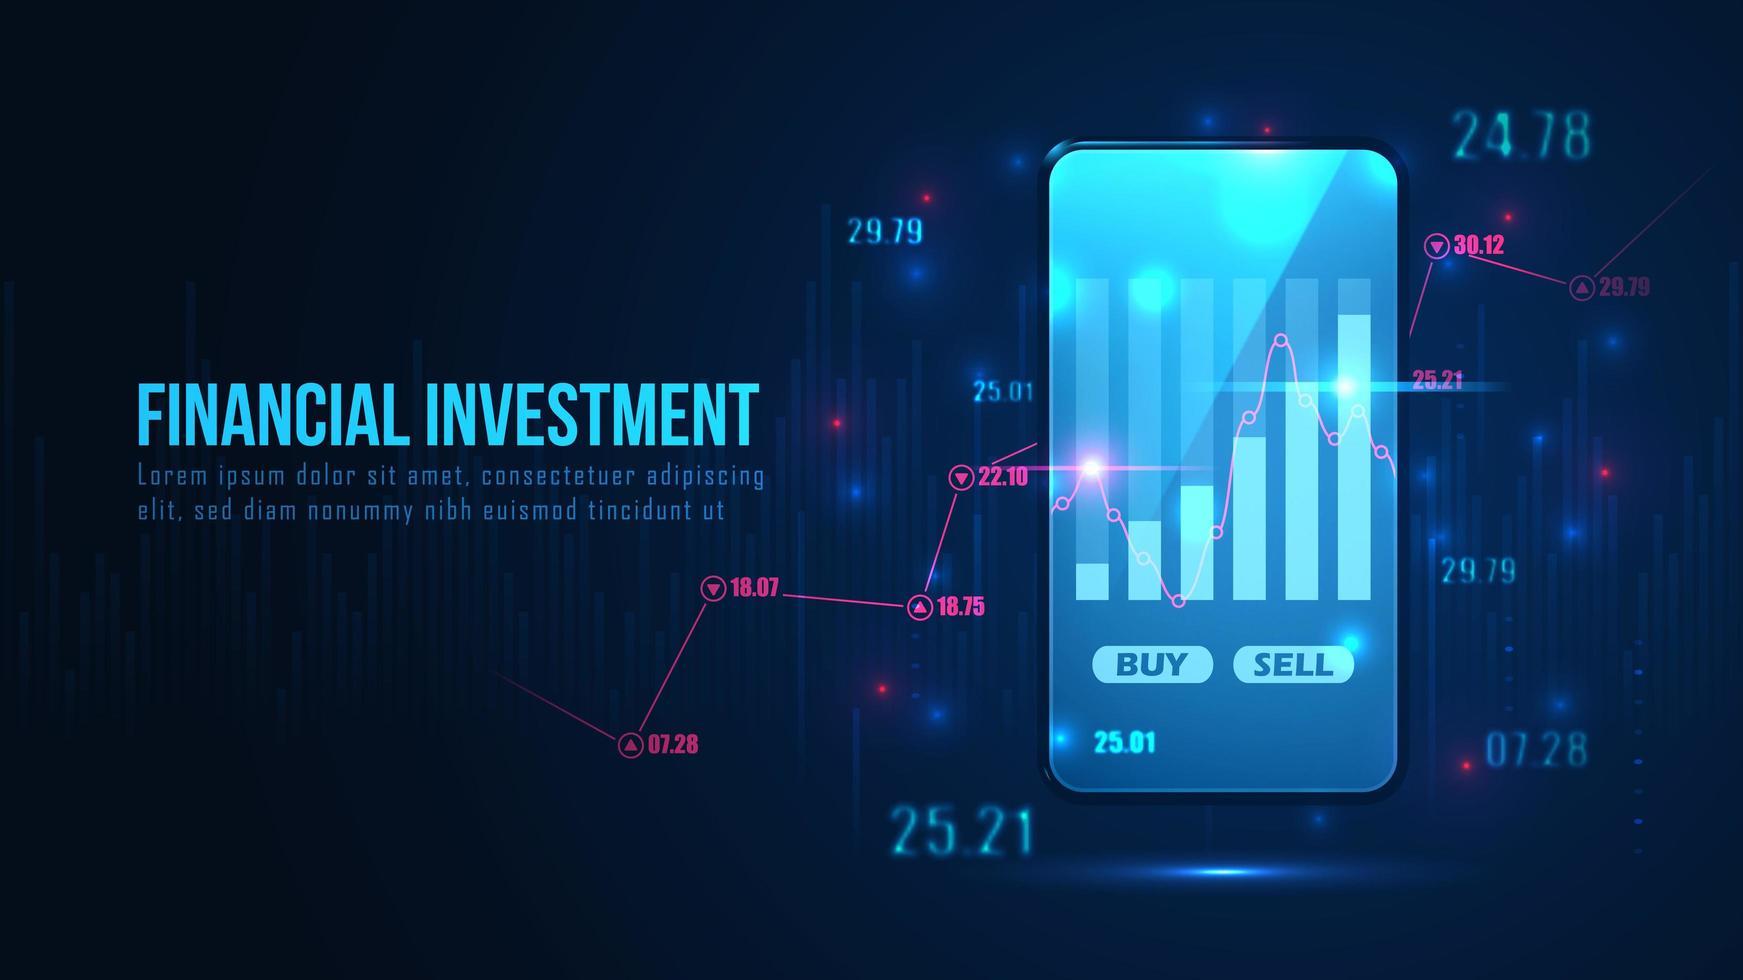 diseño de inversión financiera con gráfico comercial en teléfono vector